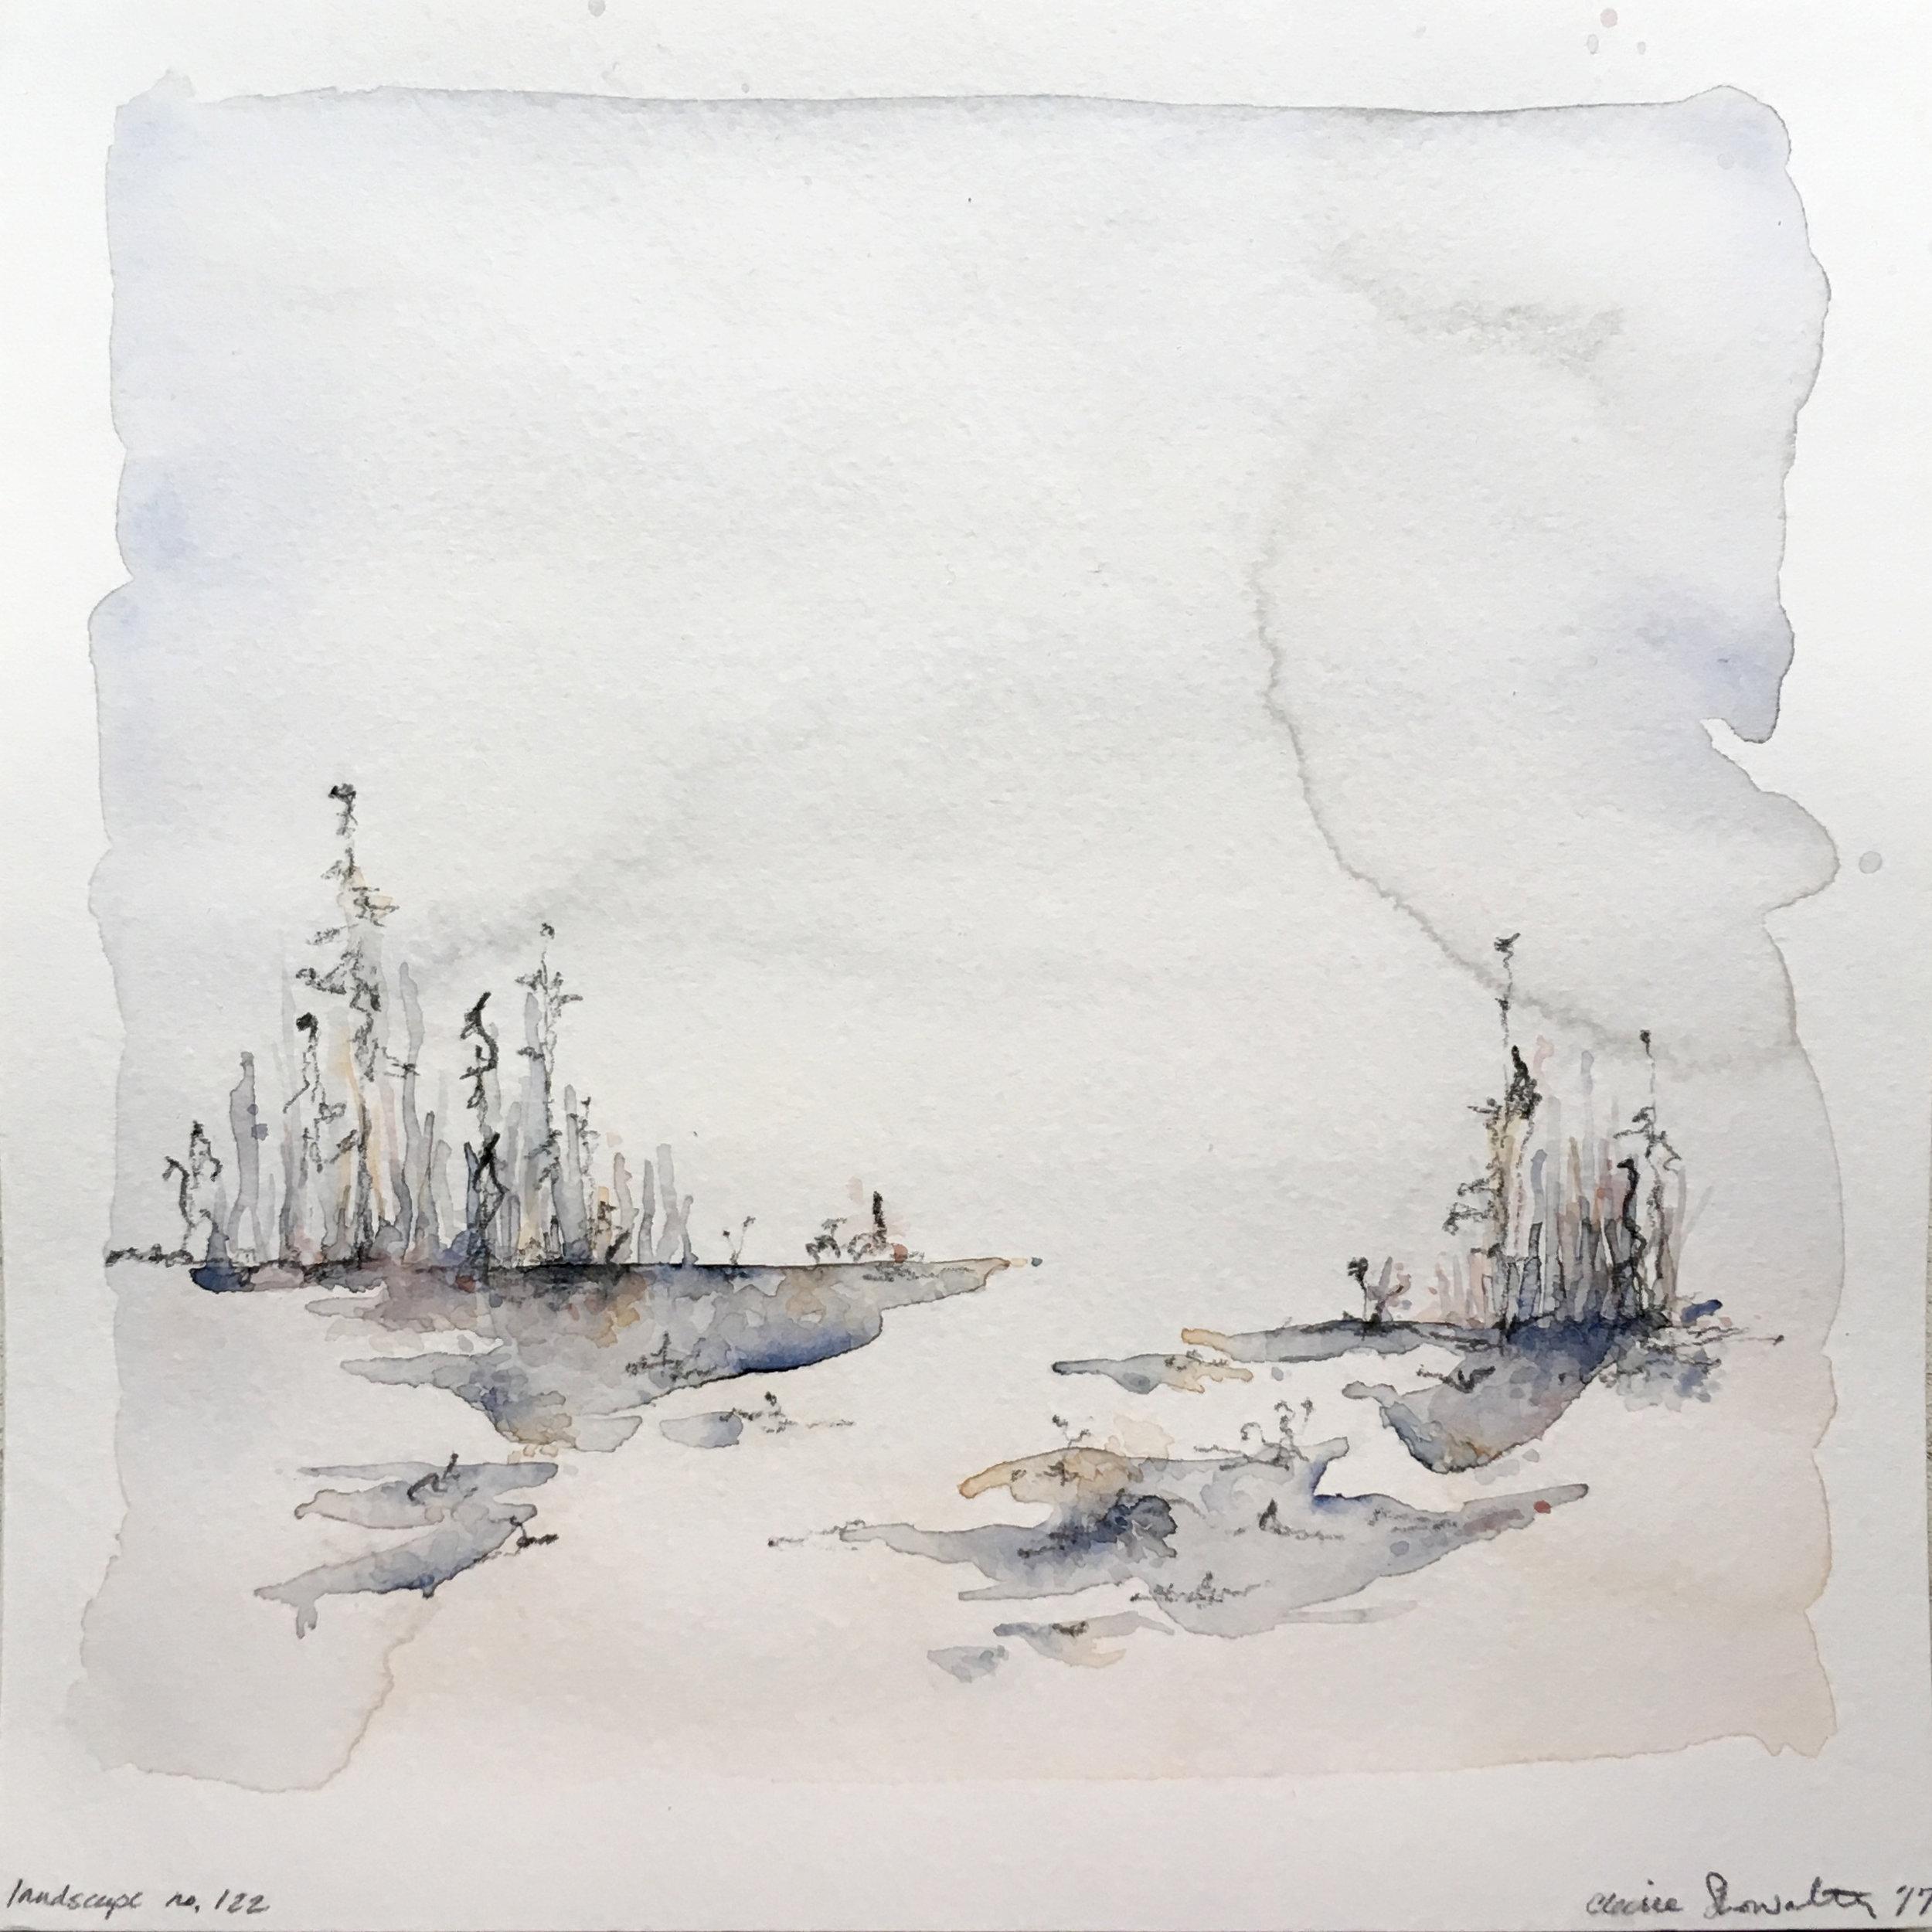 landscape no 122.JPG